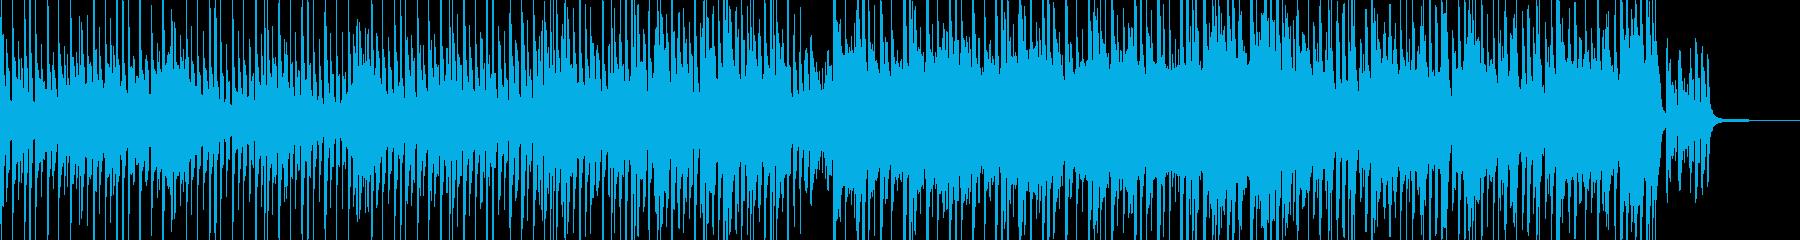 まったり・温かい雰囲気のポップス 短尺★の再生済みの波形